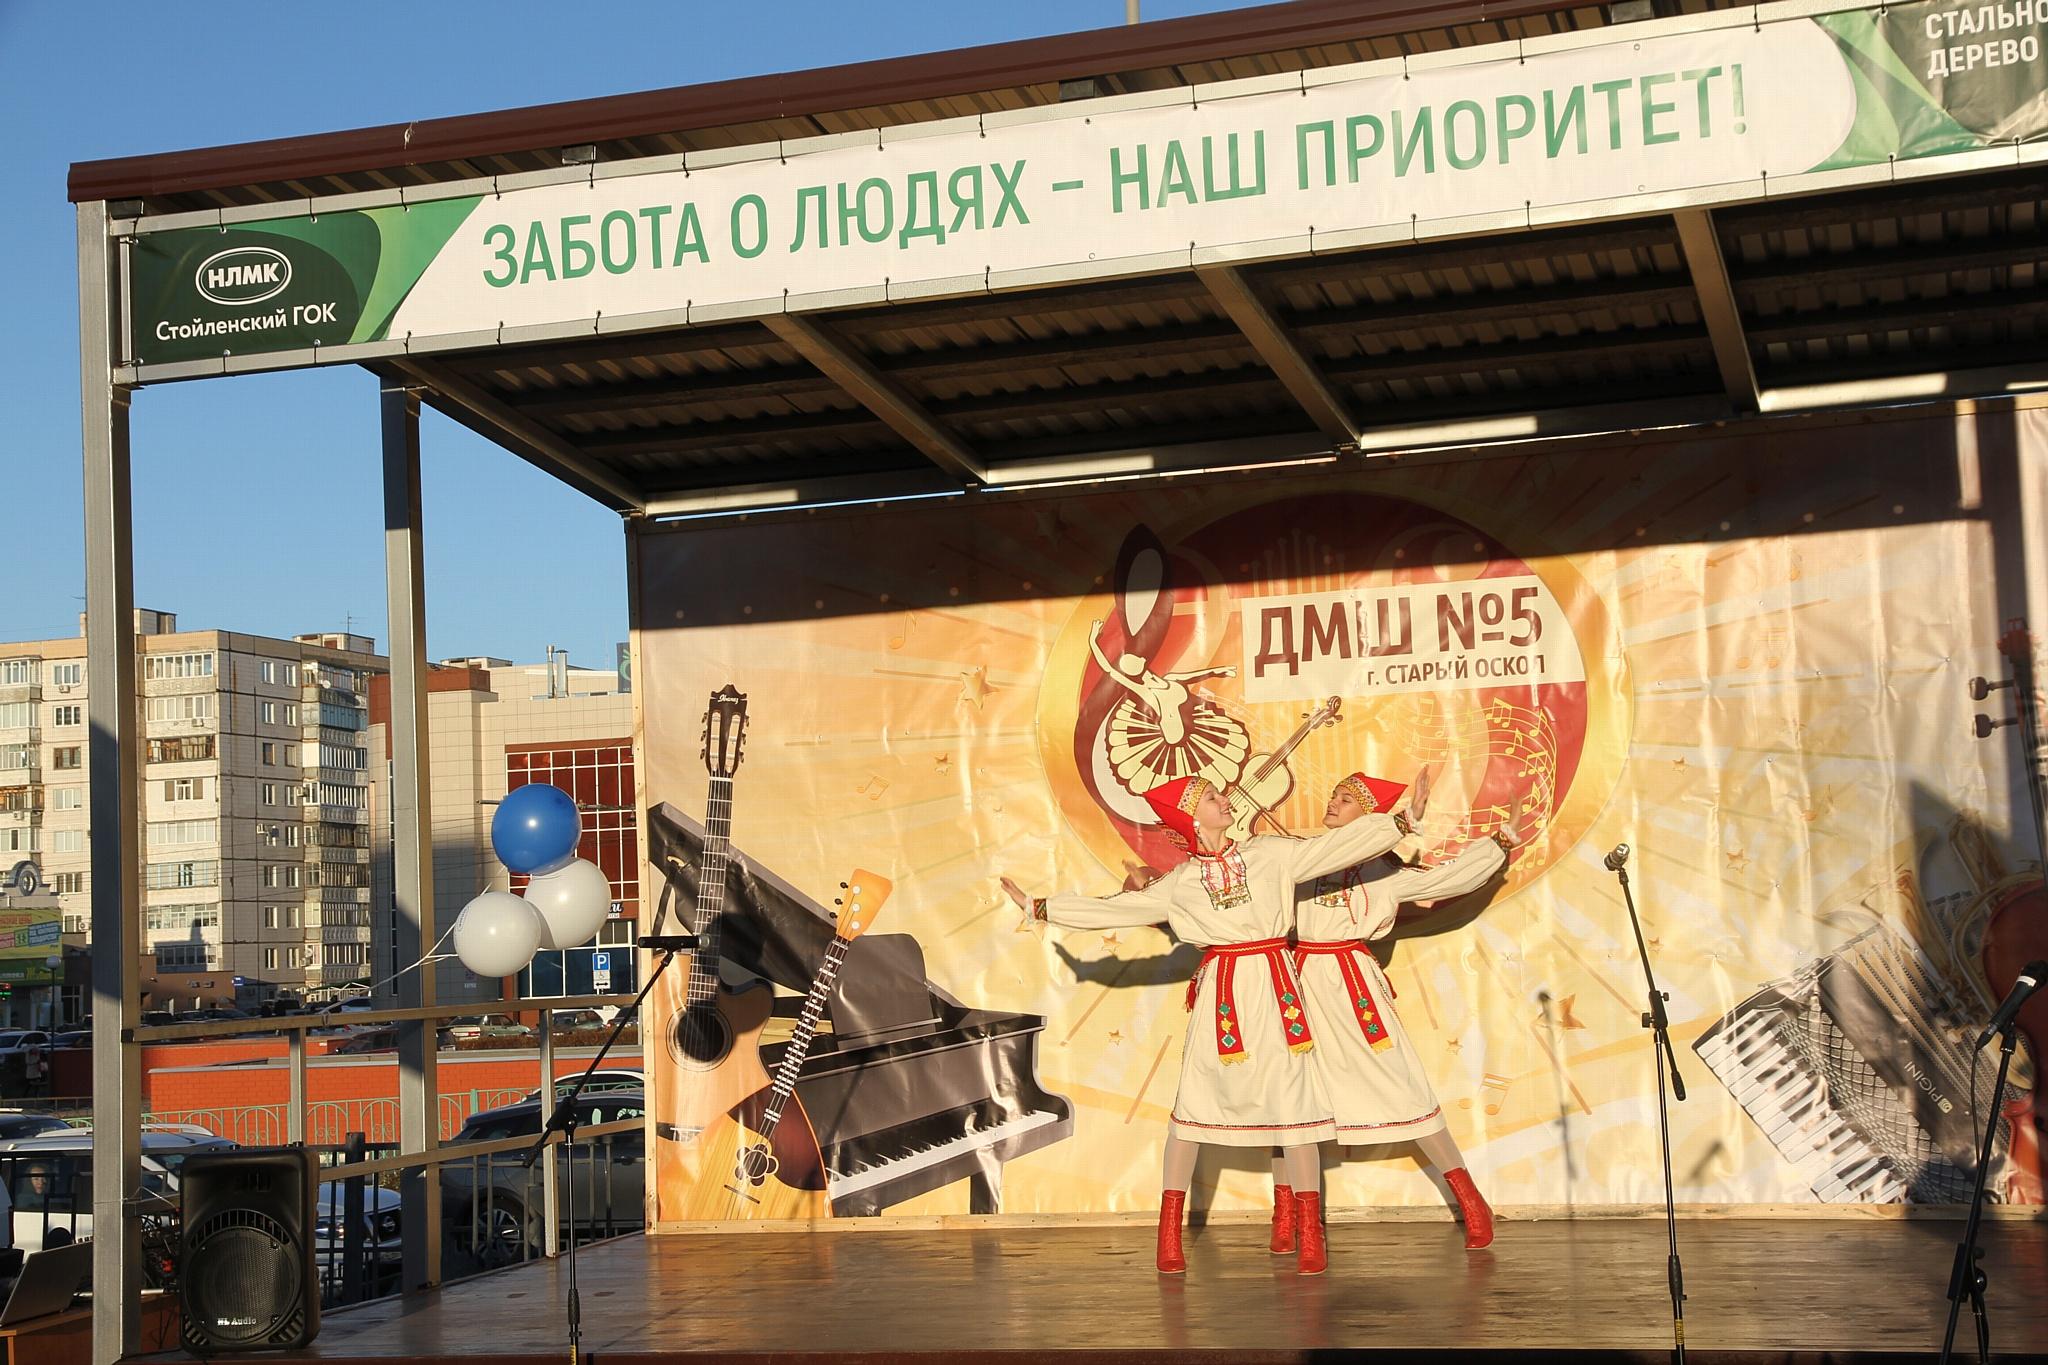 Сотрудник Стойленского ГОКа установил в городе сцену для уличных выступлений